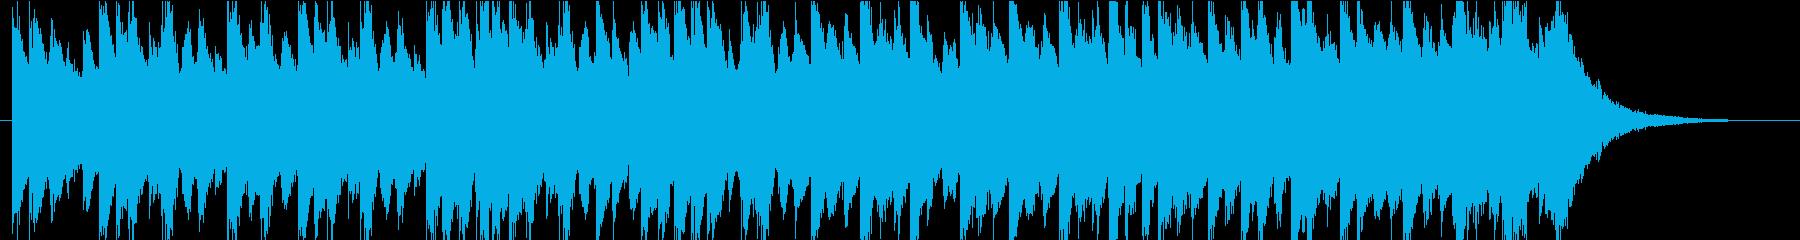 雨/梅雨をイメージしたピアノBGMの再生済みの波形